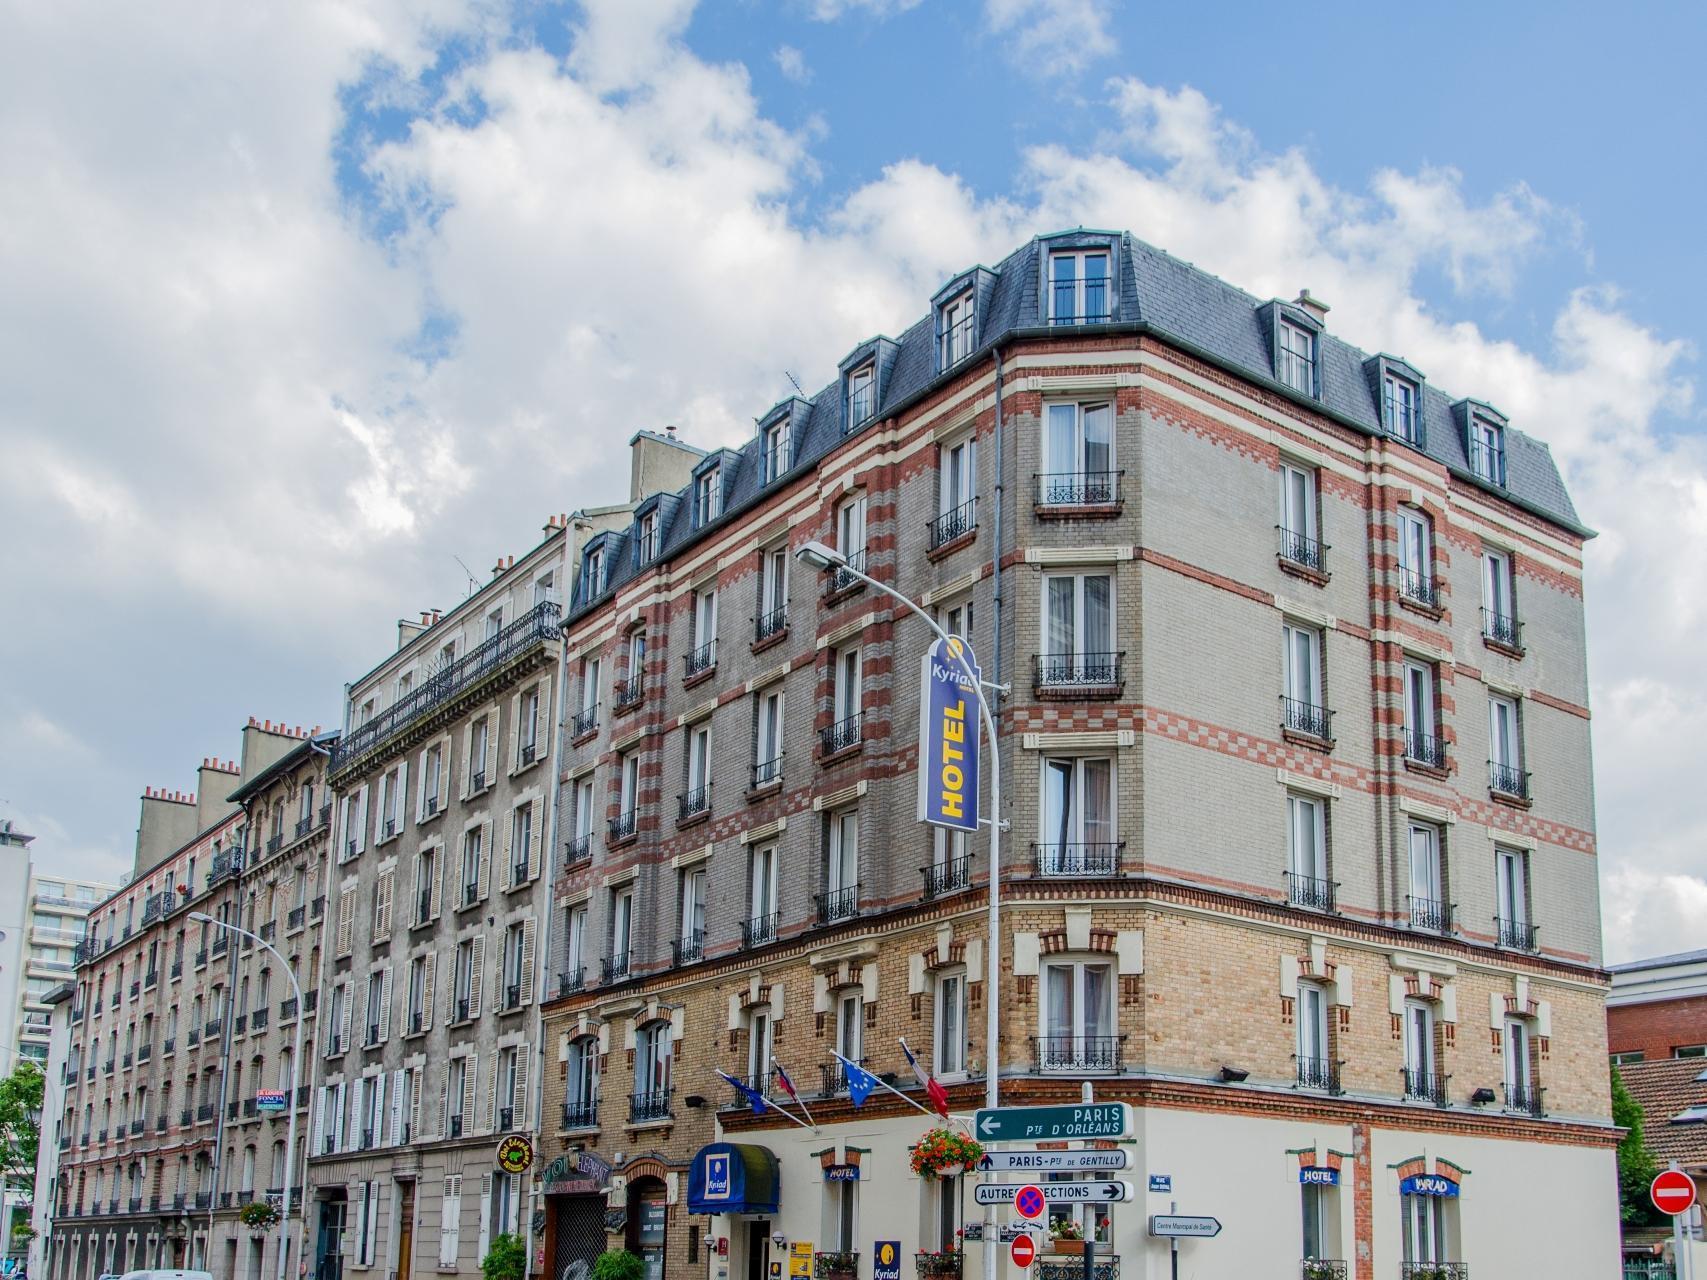 Kyriad Hotel Paris Porte d'Orleans